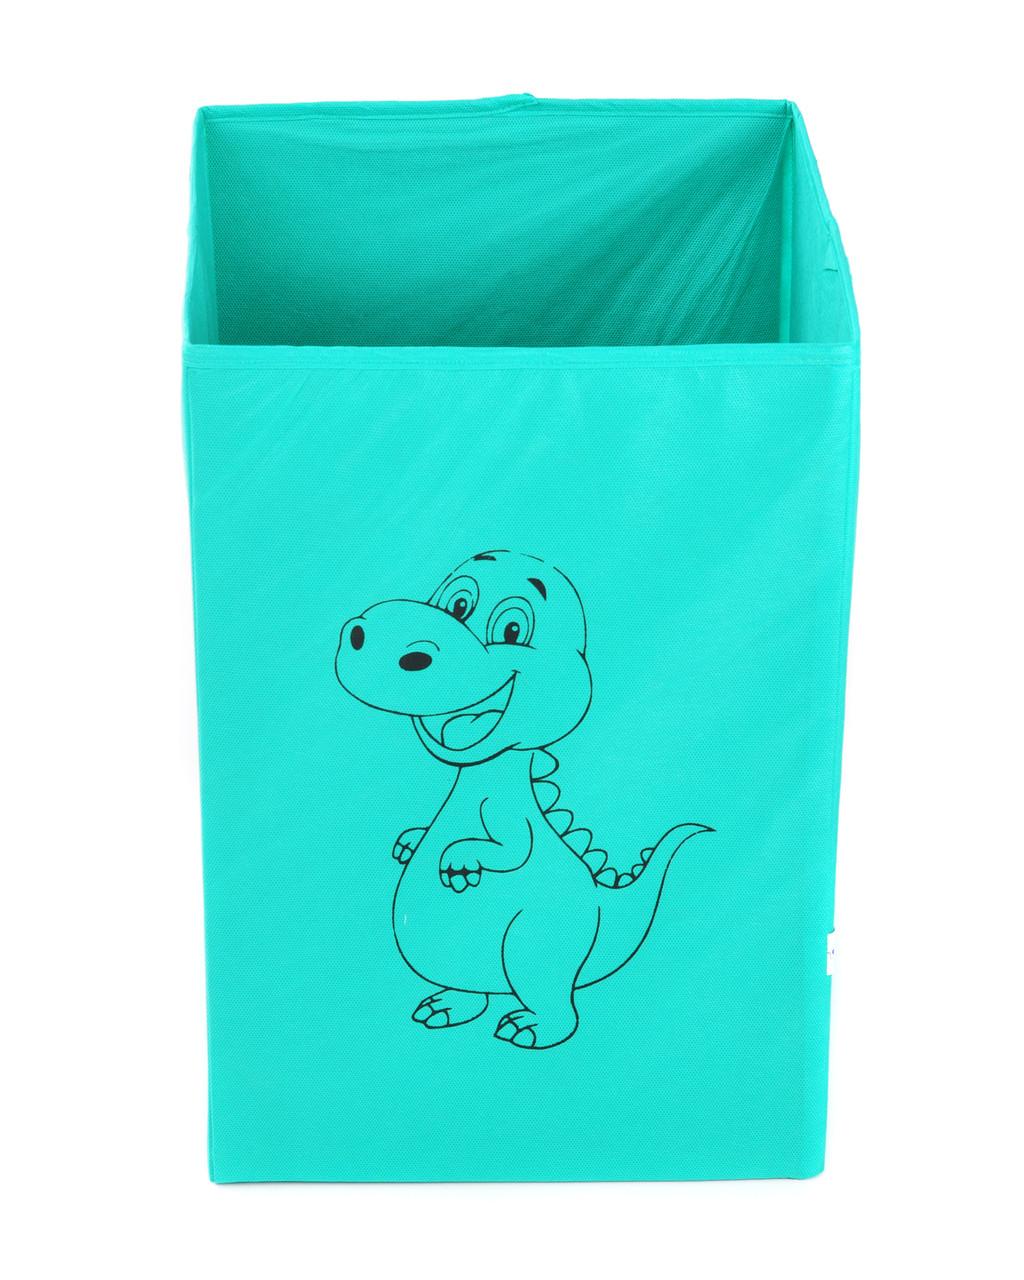 Ящик для зберігання іграшок, 25*25*38 см, Зоопарк Динозавр (без кришки)